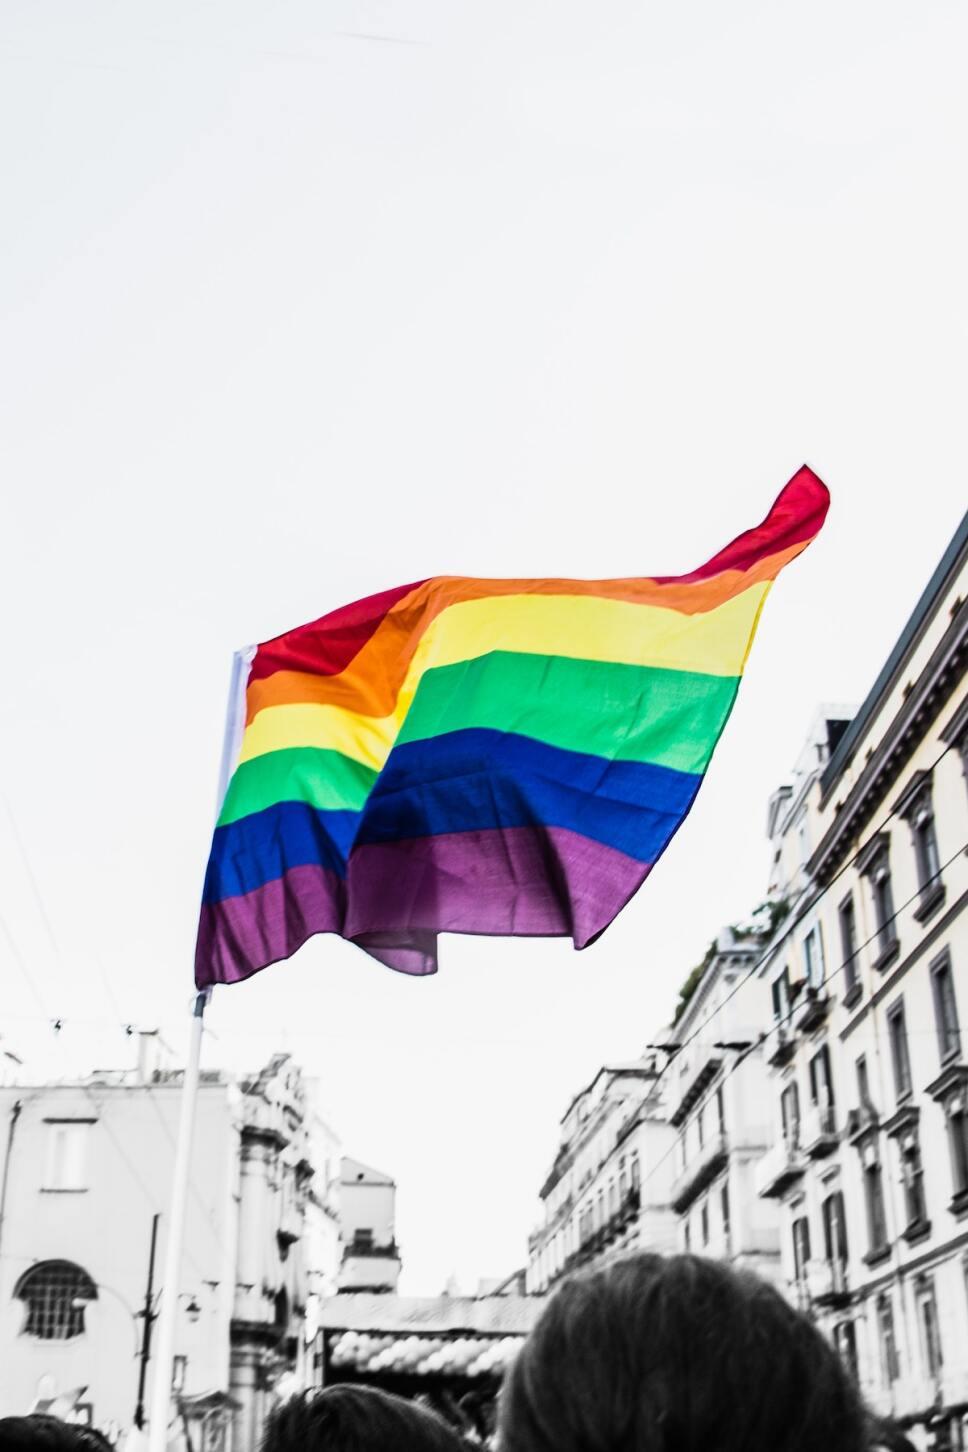 El símbolo del Pride bandera en junio